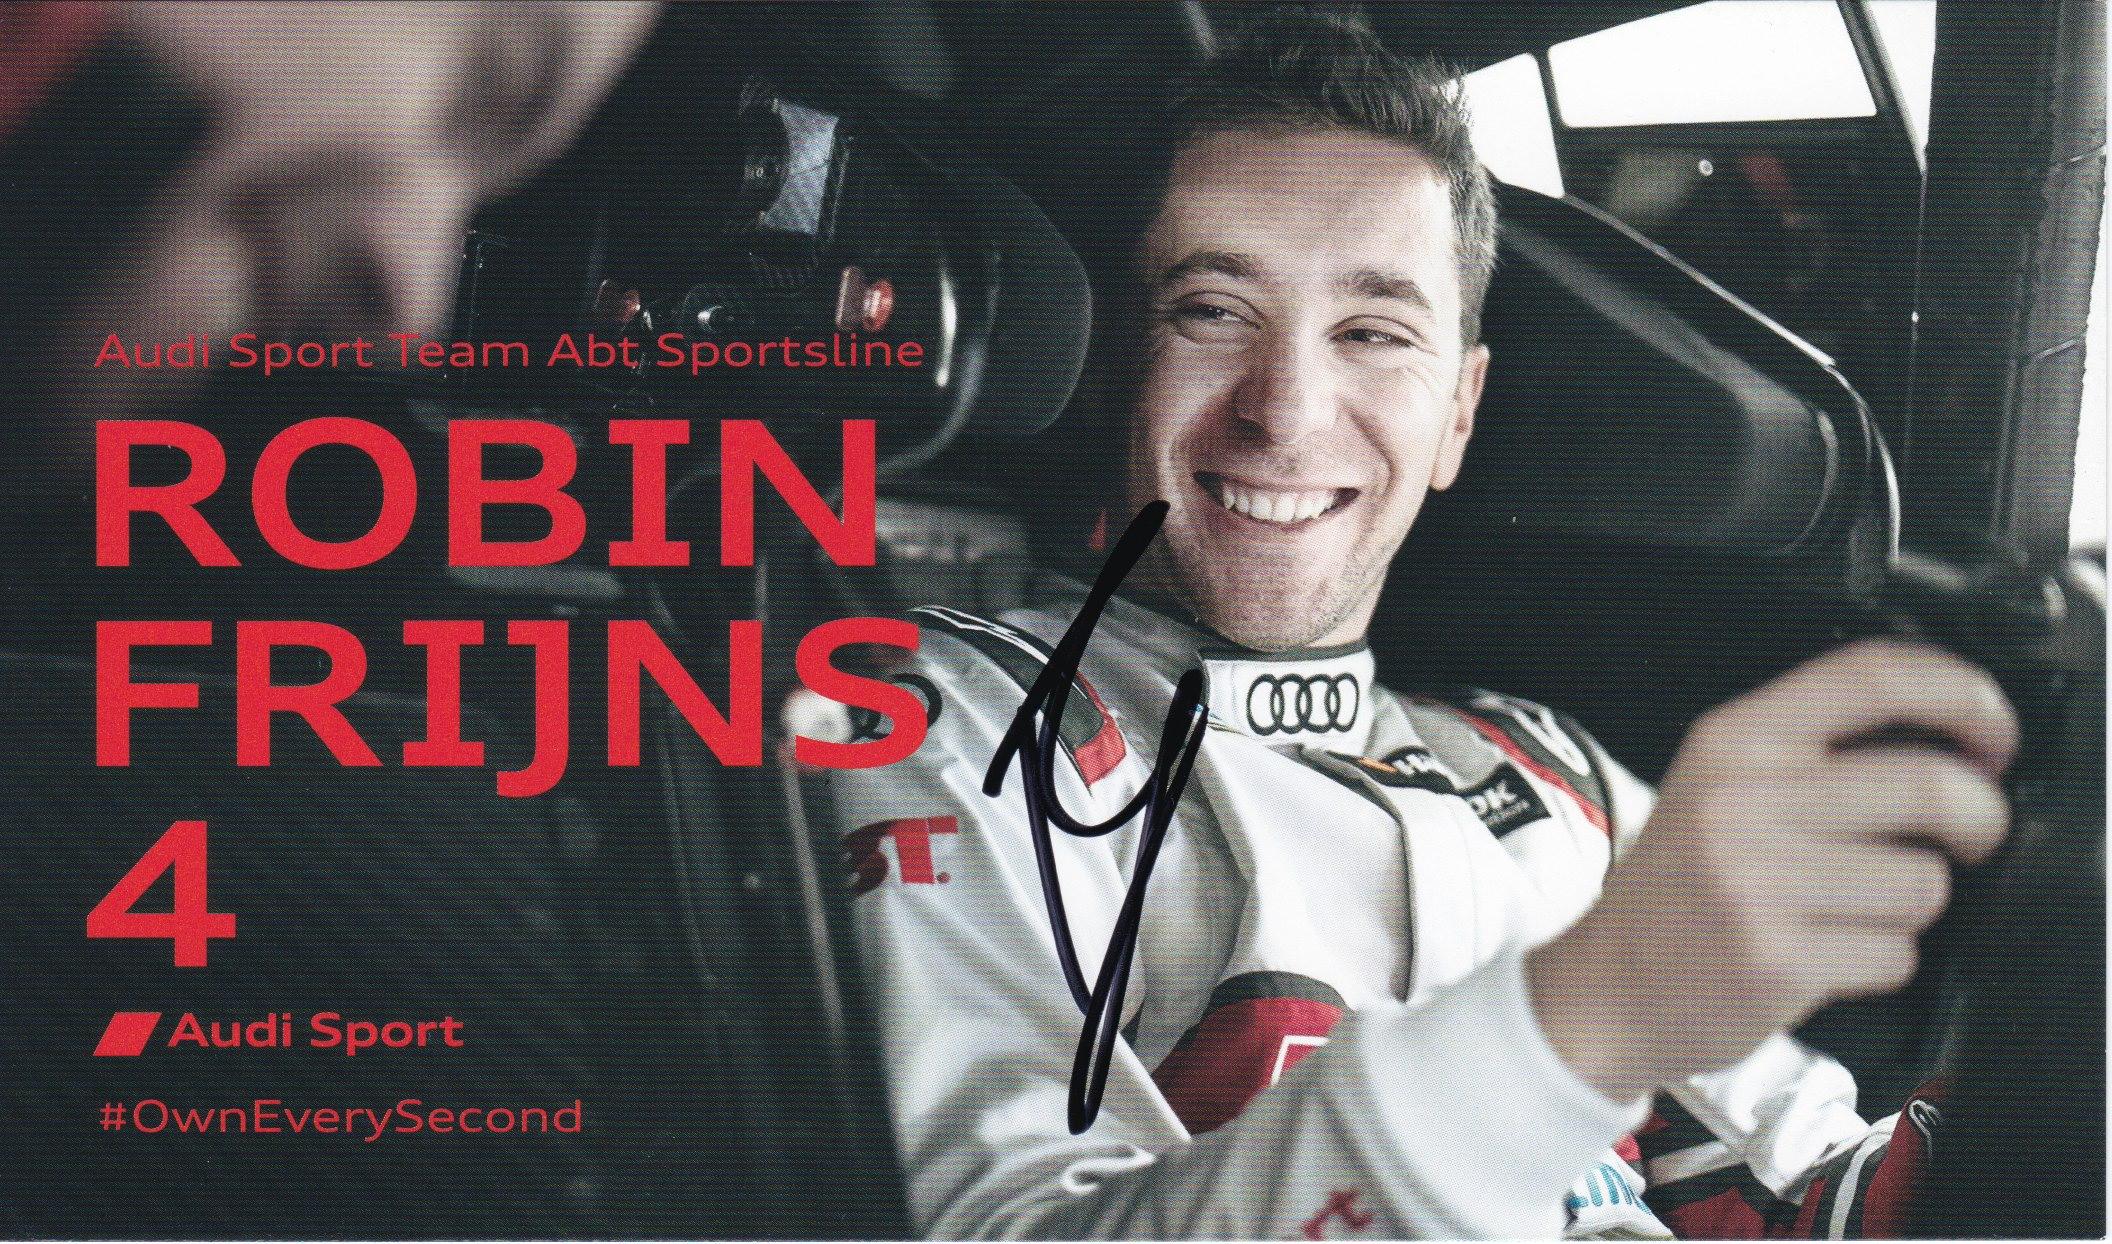 Robin Frijns DTM 2019